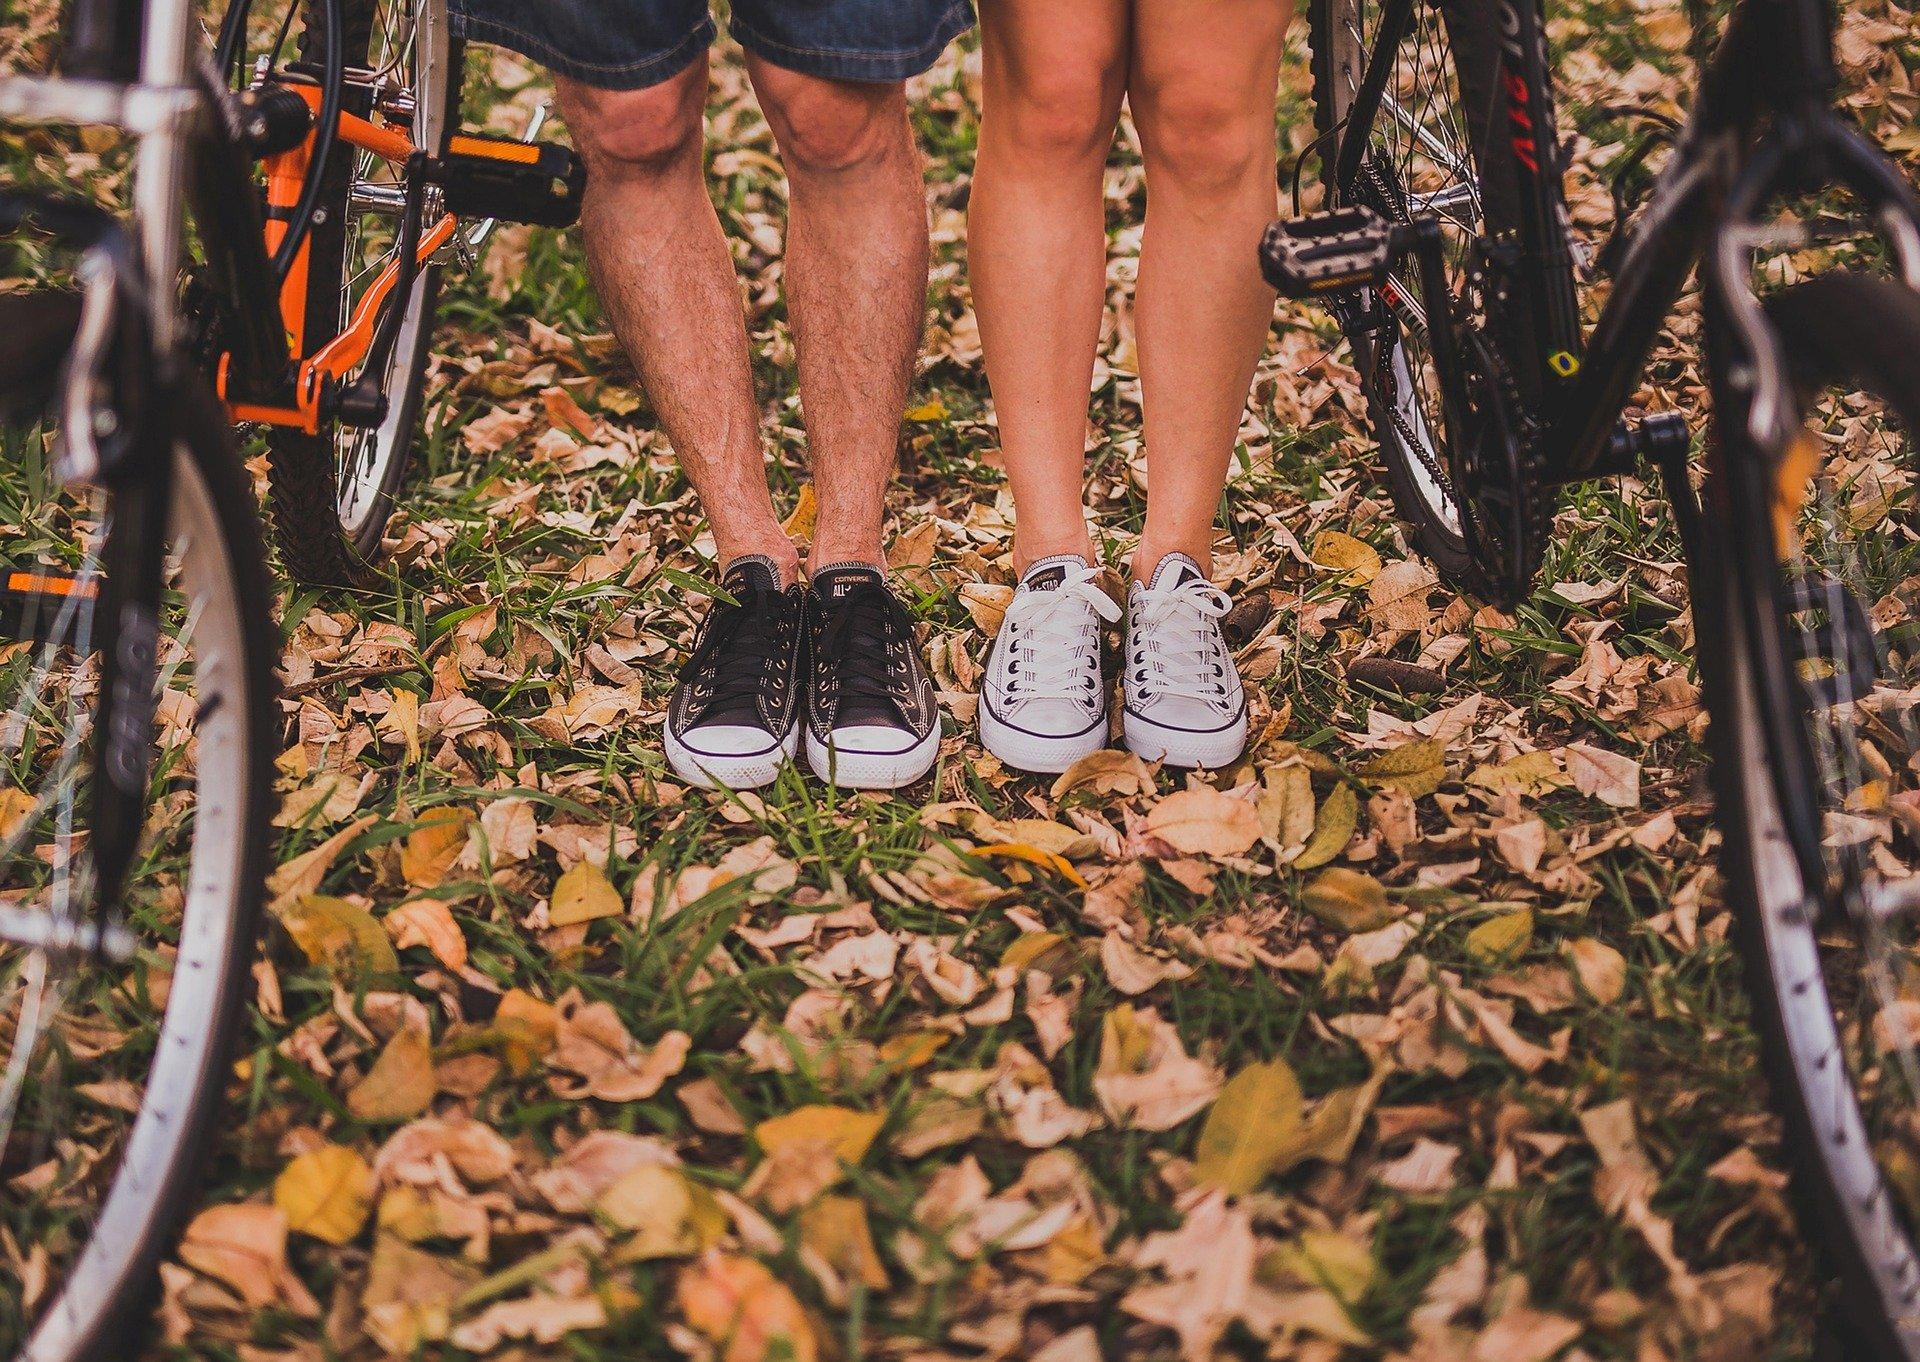 Eine Fahrradtour macht Riesenspaß. Man schon die Umwelt und tut viel für die eigene Fitness. Foto: Pexels via Pixabay.